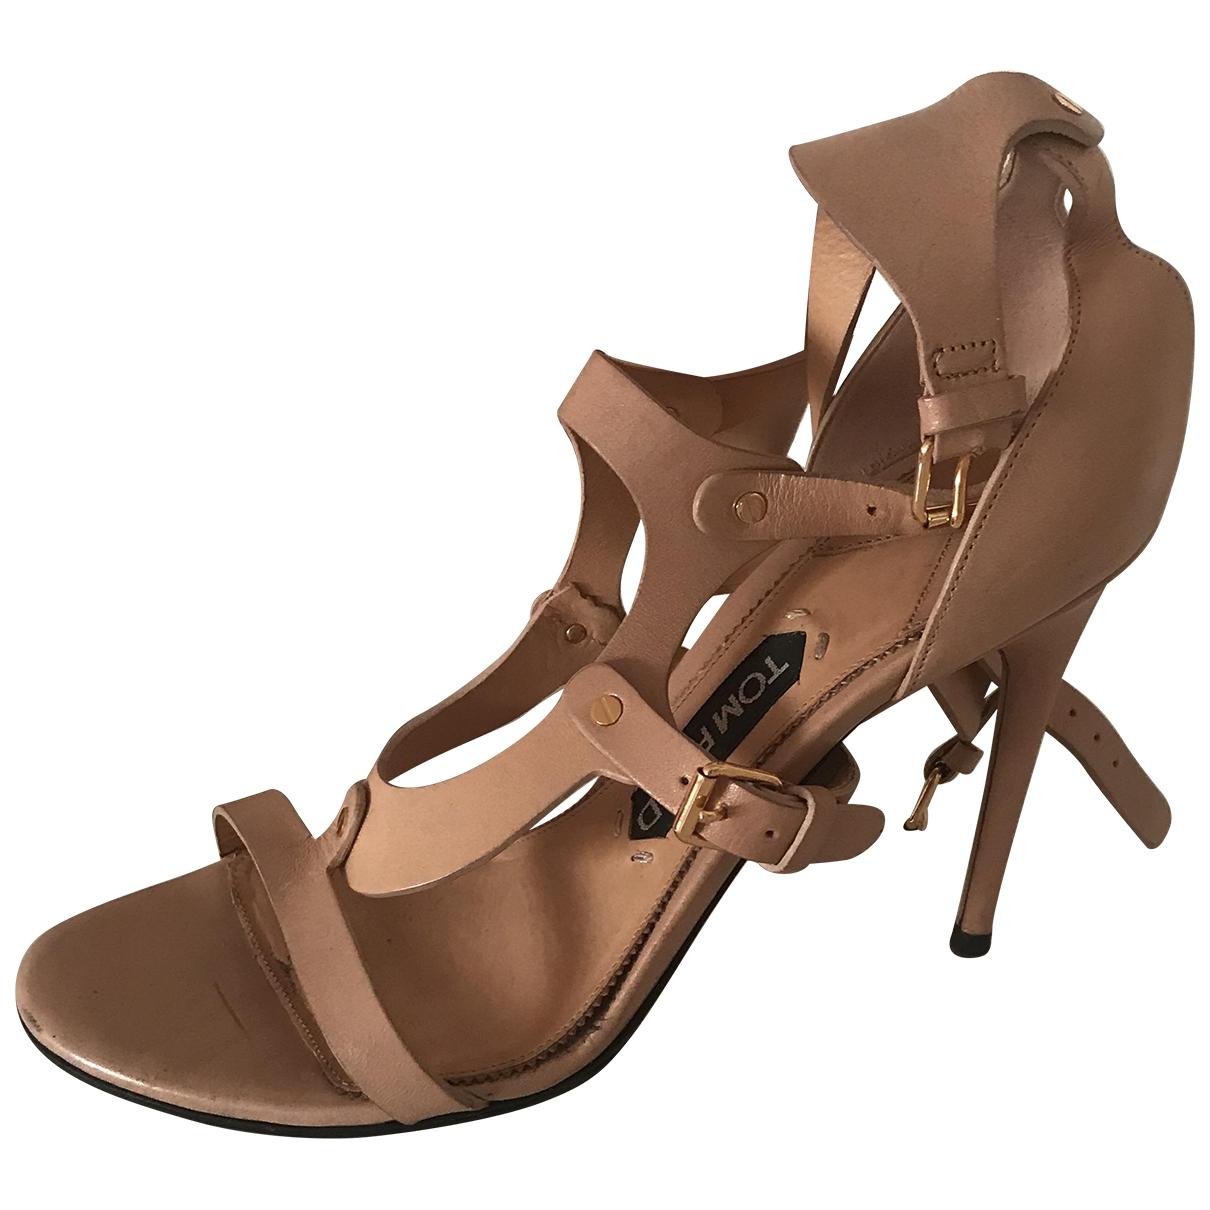 Tom Ford - Sandales   pour femme en cuir - beige